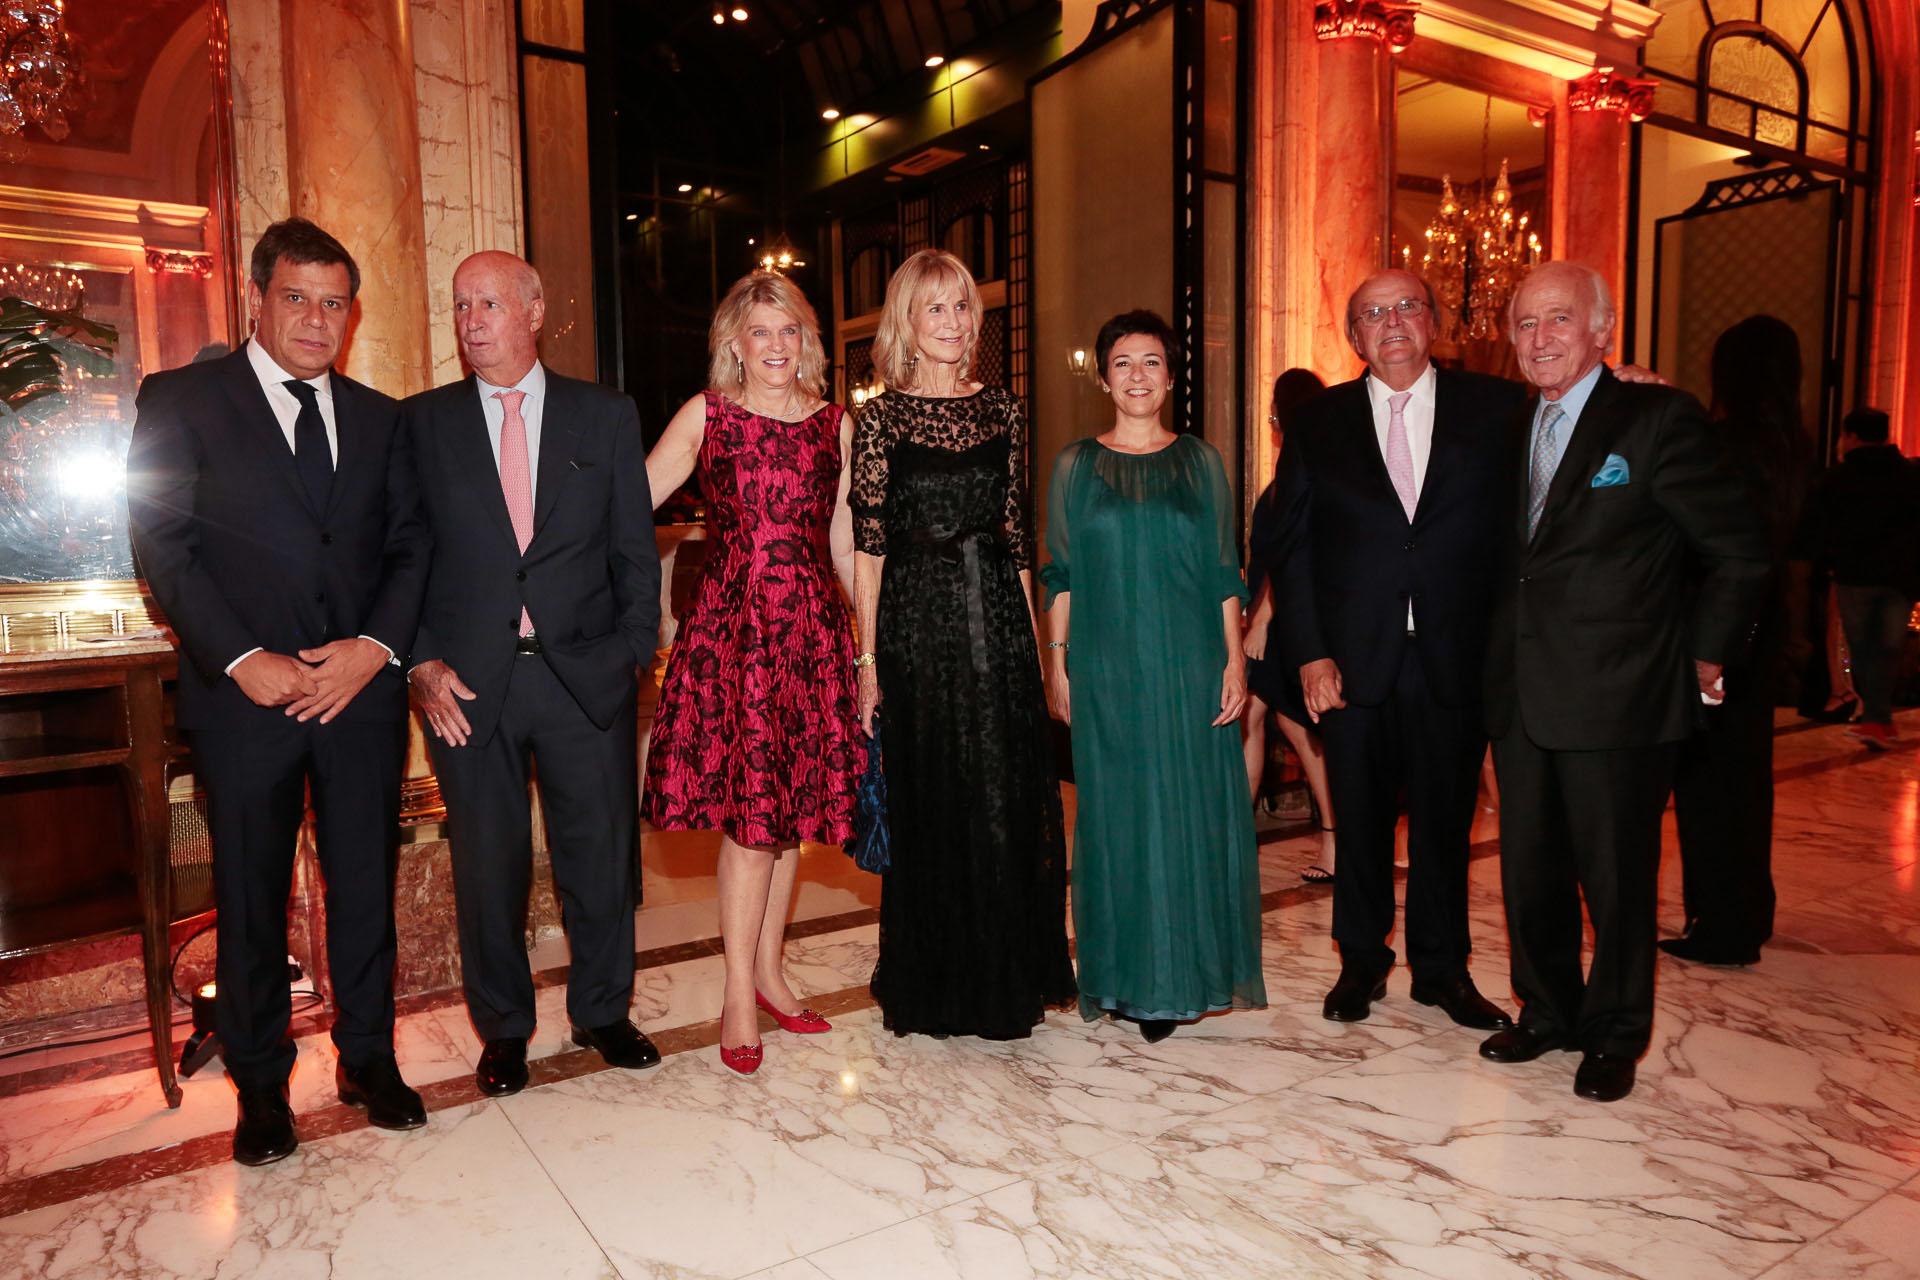 Facundo Manes, Carlos Fontán Balestra, Eva Soldati, Pompi Chopitea, Josefina Manes, José Ignacio De Mendiguren y Santiago Soldati